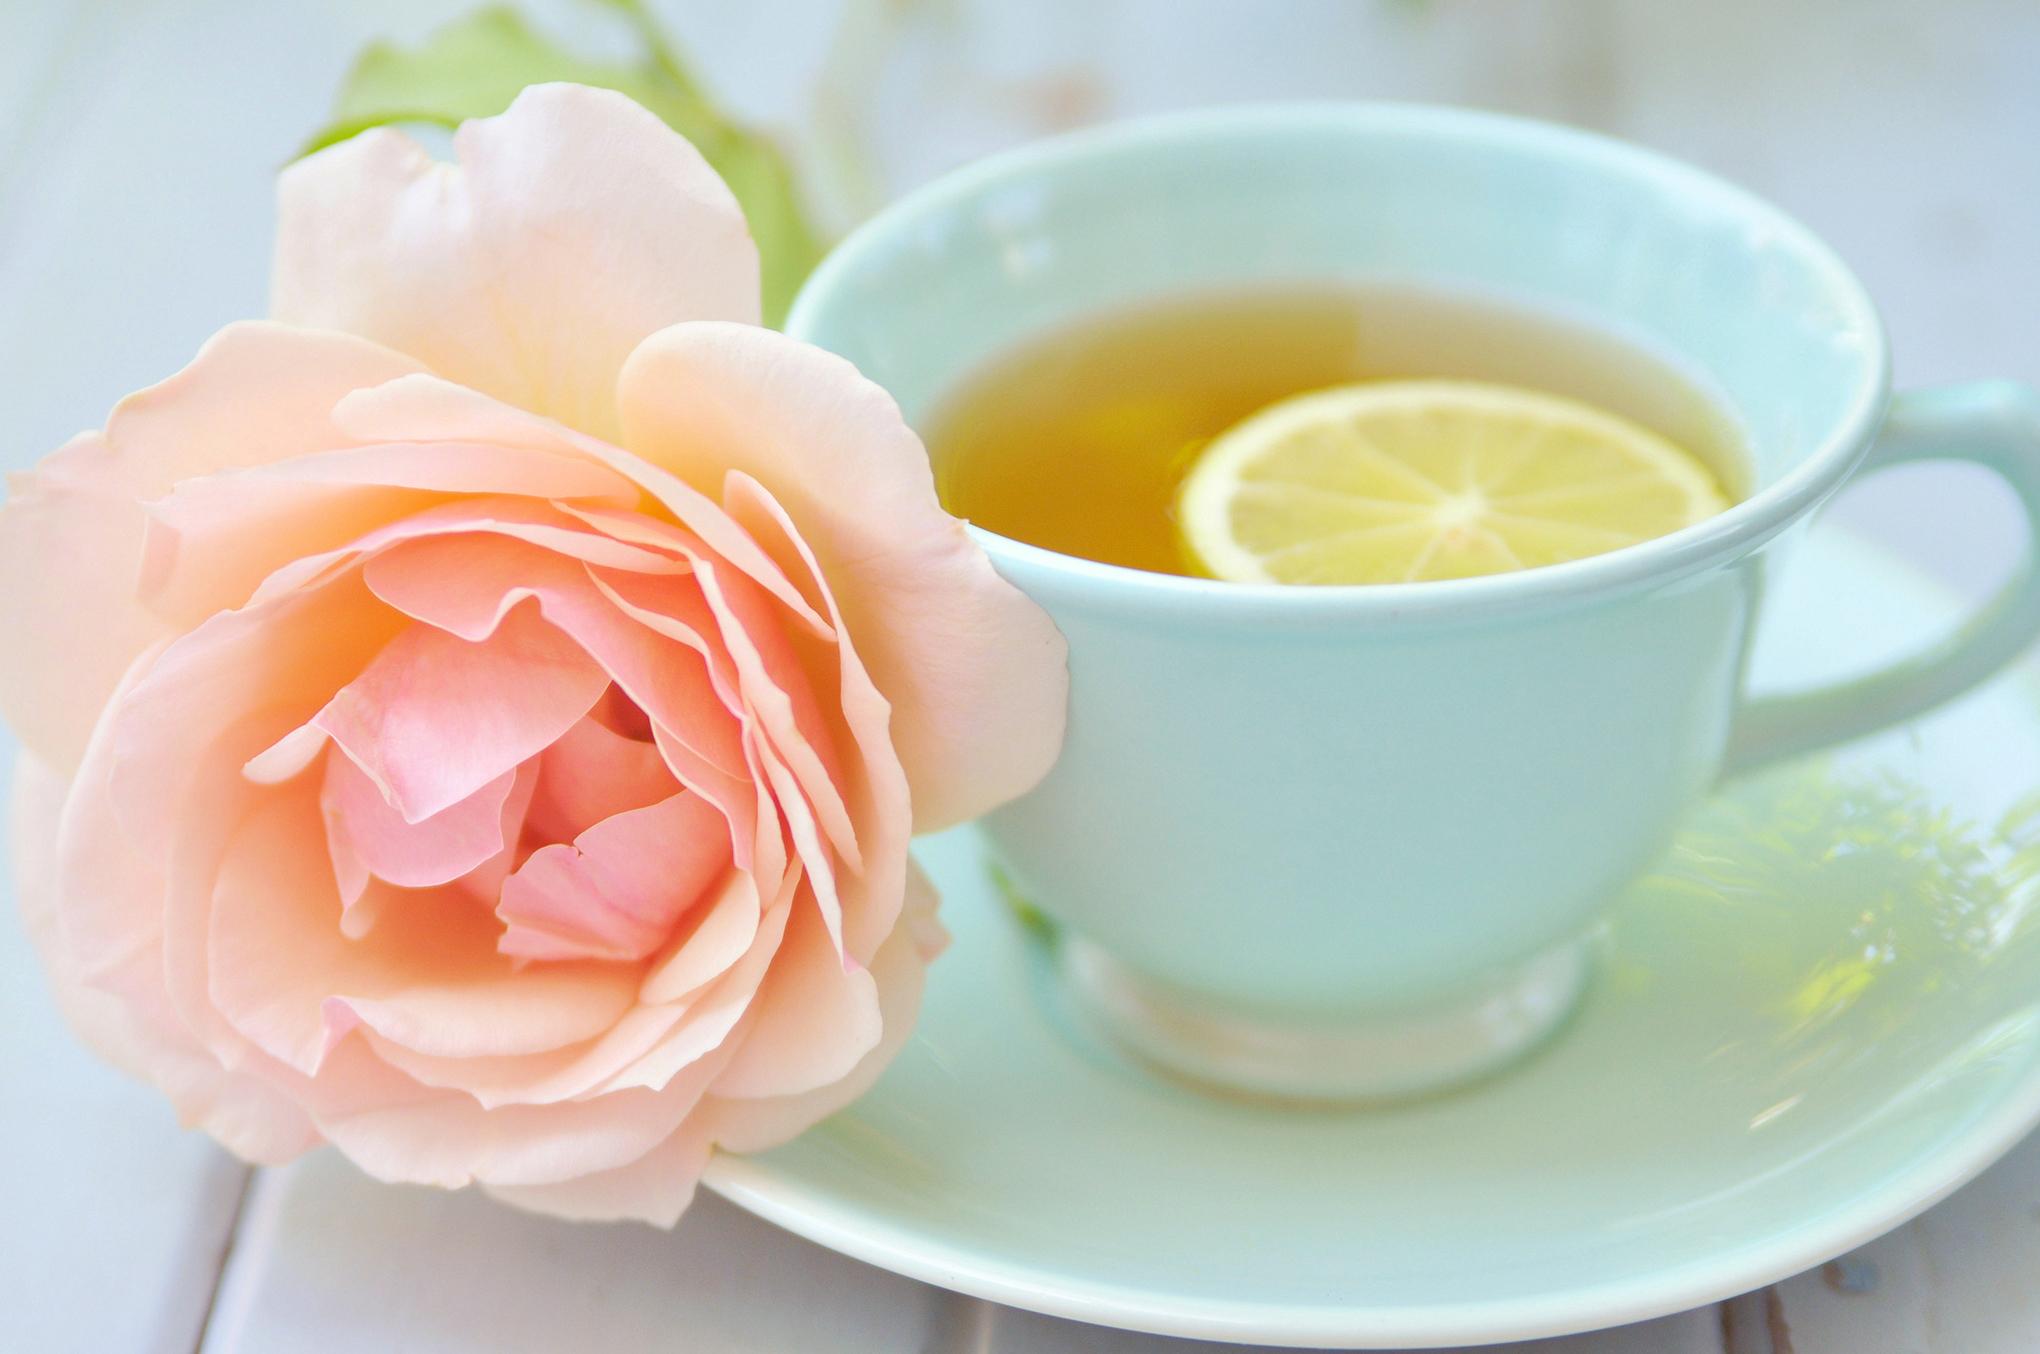 66189 Hintergrundbild herunterladen Lebensmittel, Rose, Eine Tasse, Tasse, Zitrone, Tee - Bildschirmschoner und Bilder kostenlos